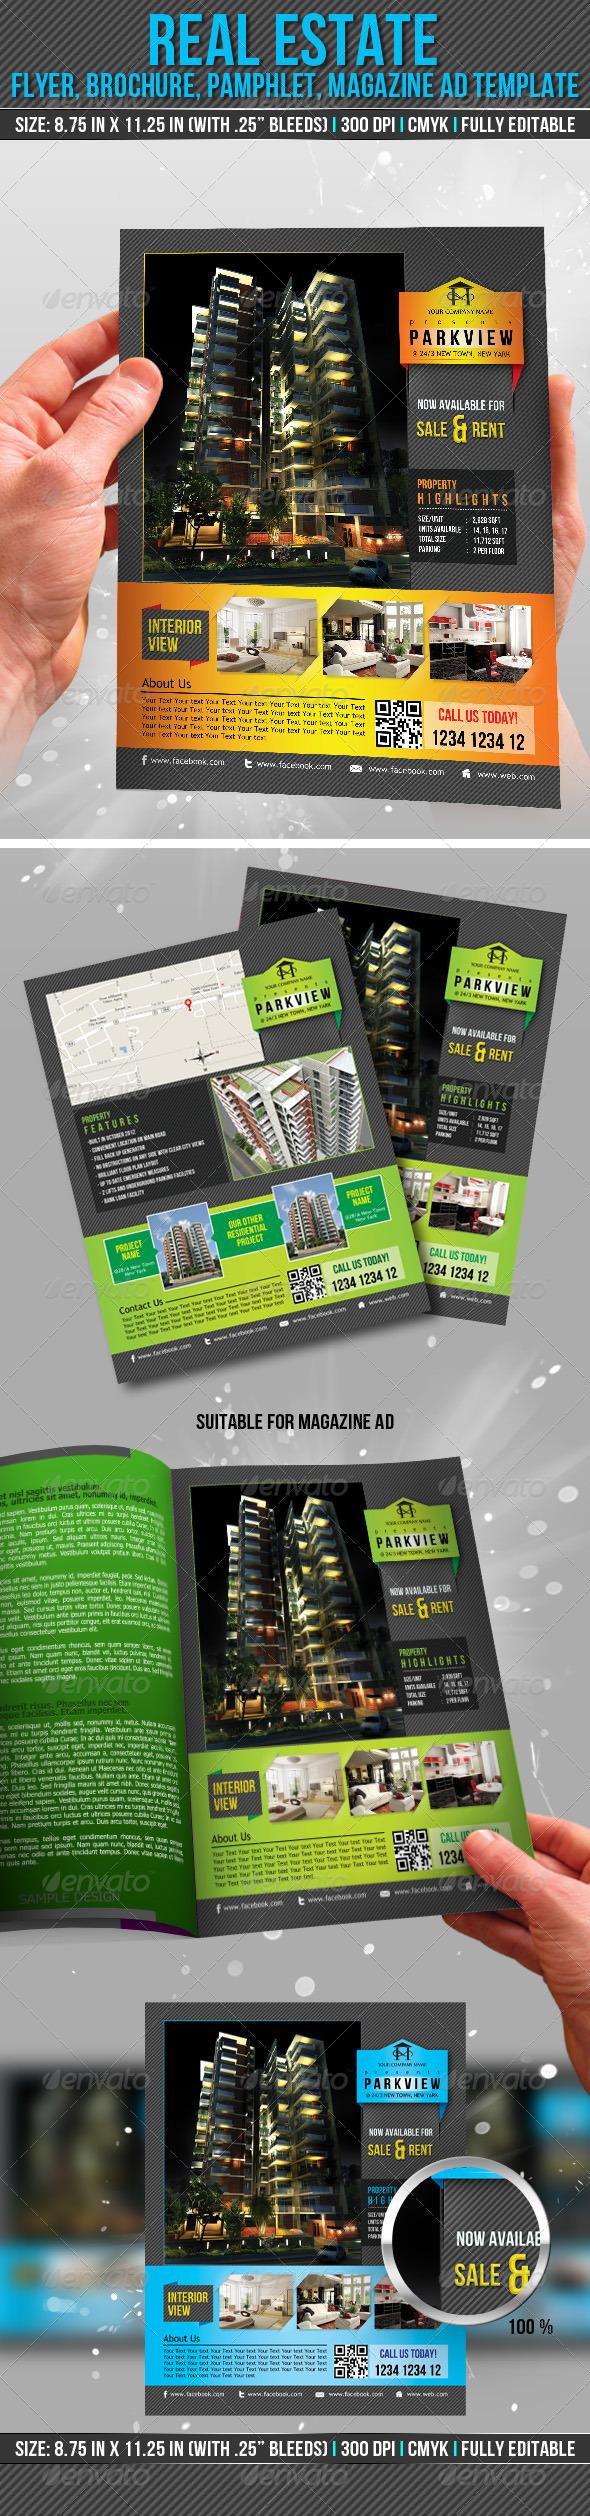 Real Estate Flyer, Brochure, Pamphlet, Magazine Ad